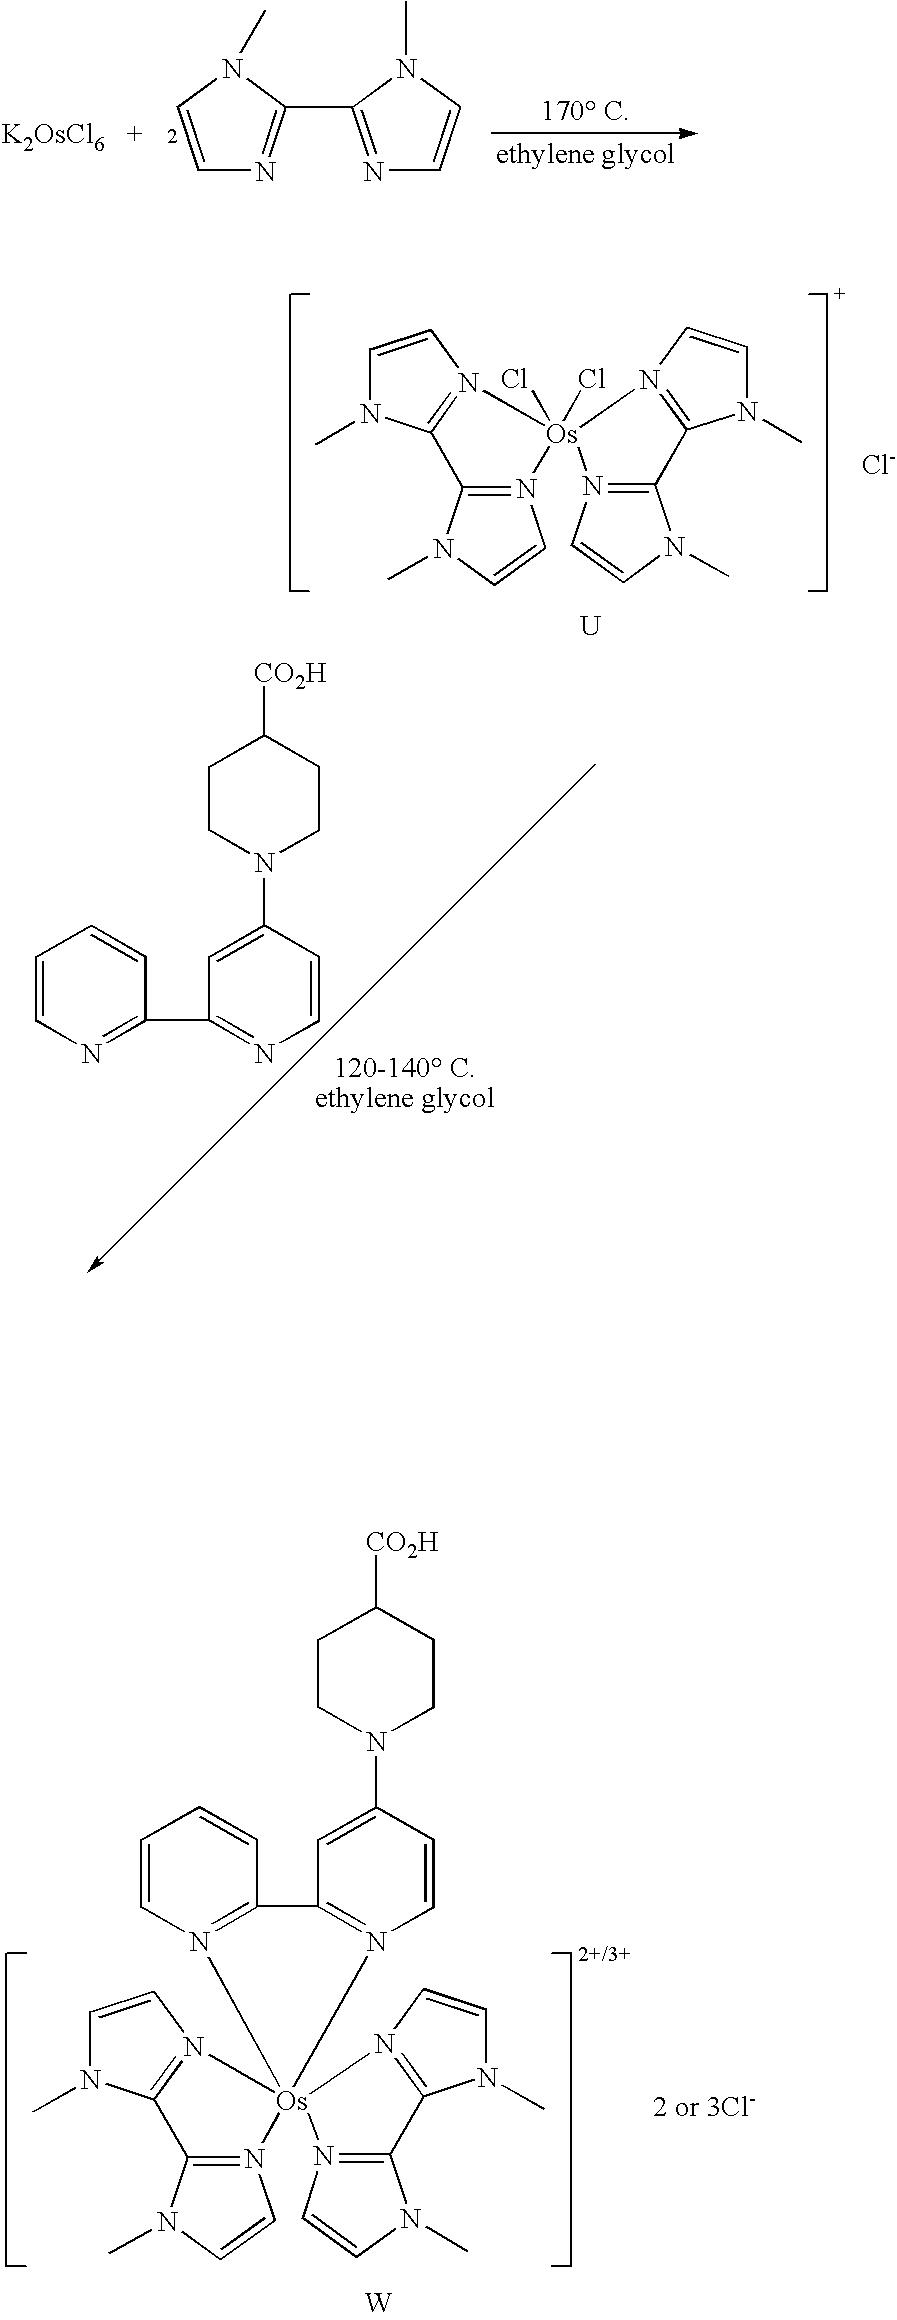 Figure US20090099434A1-20090416-C00033